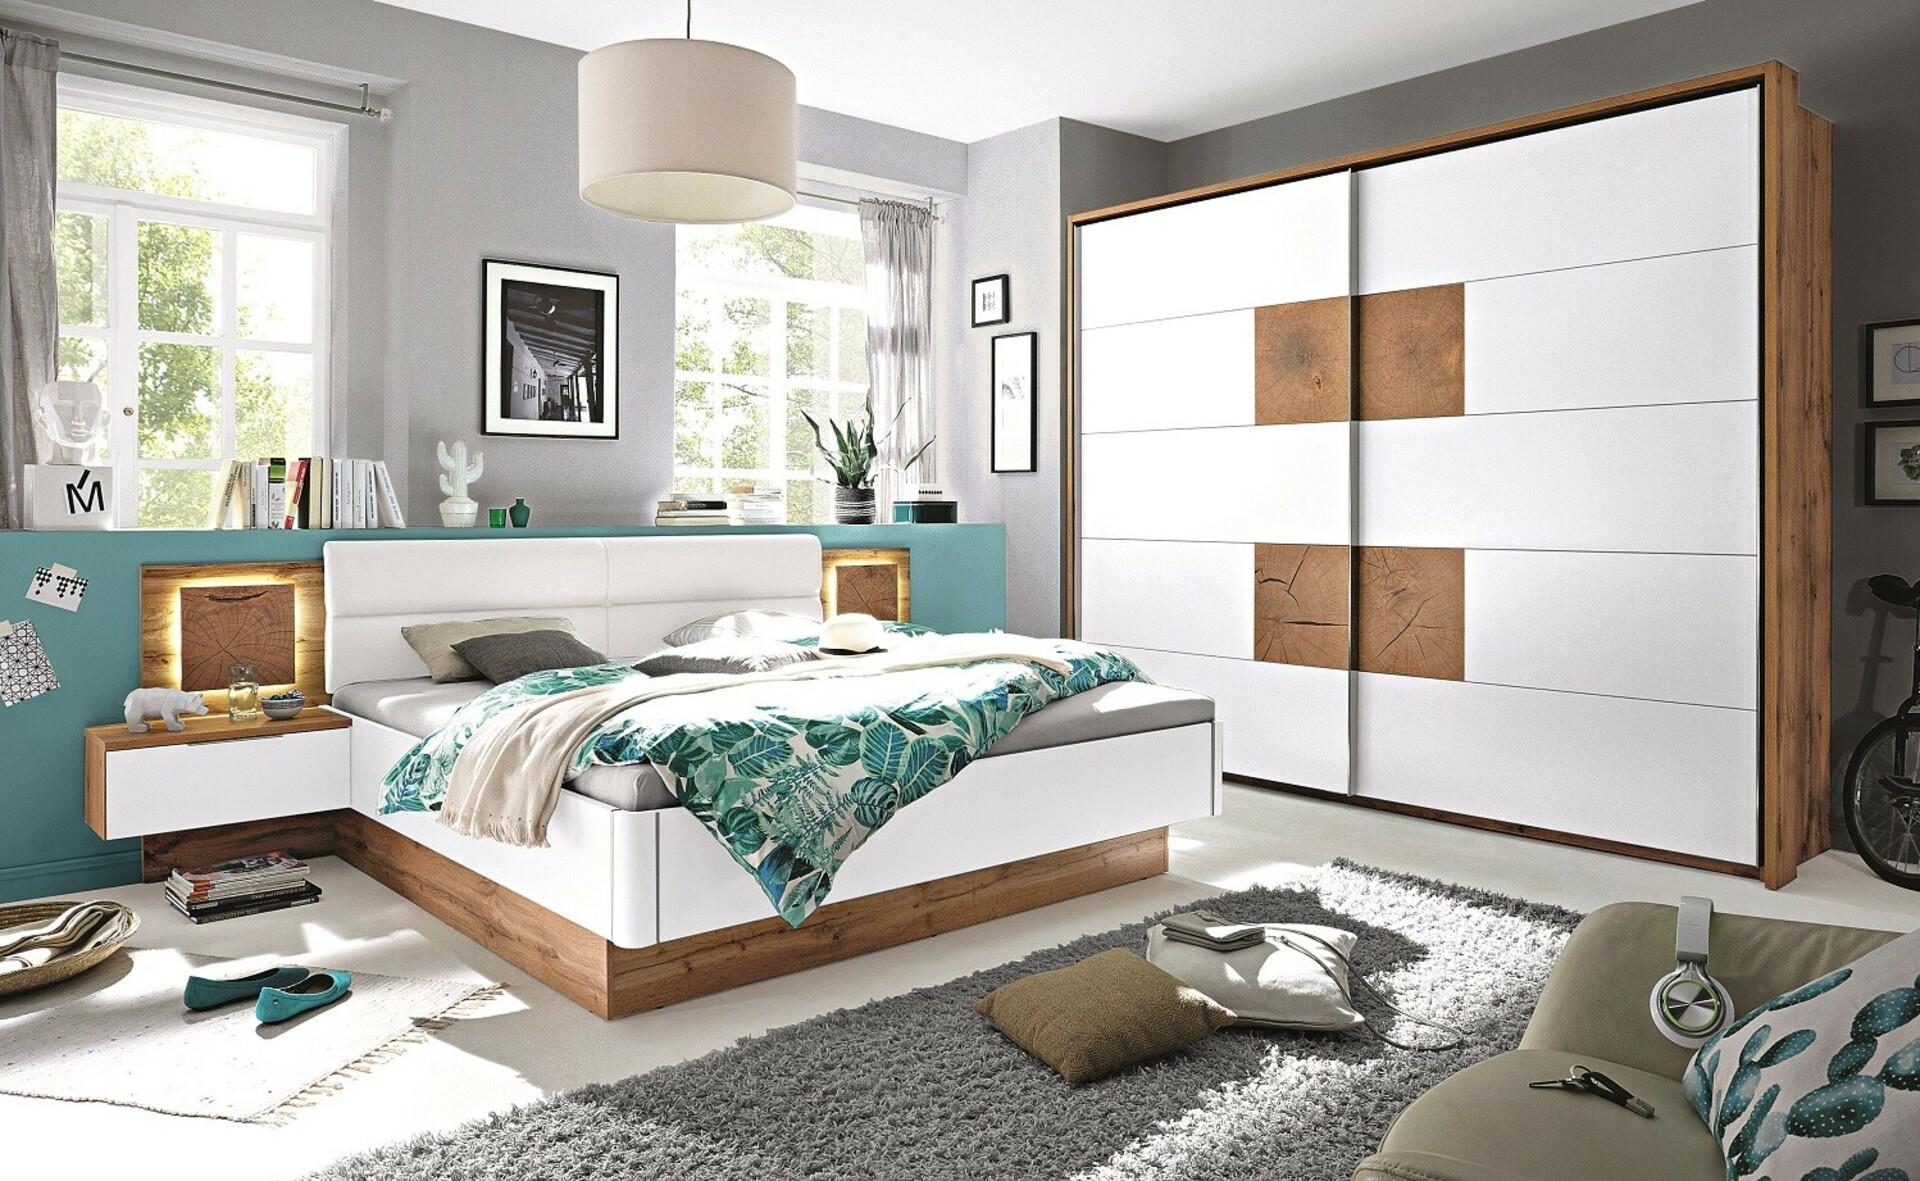 Maximal gemütlich: Kleines Schlafzimmer einrichten